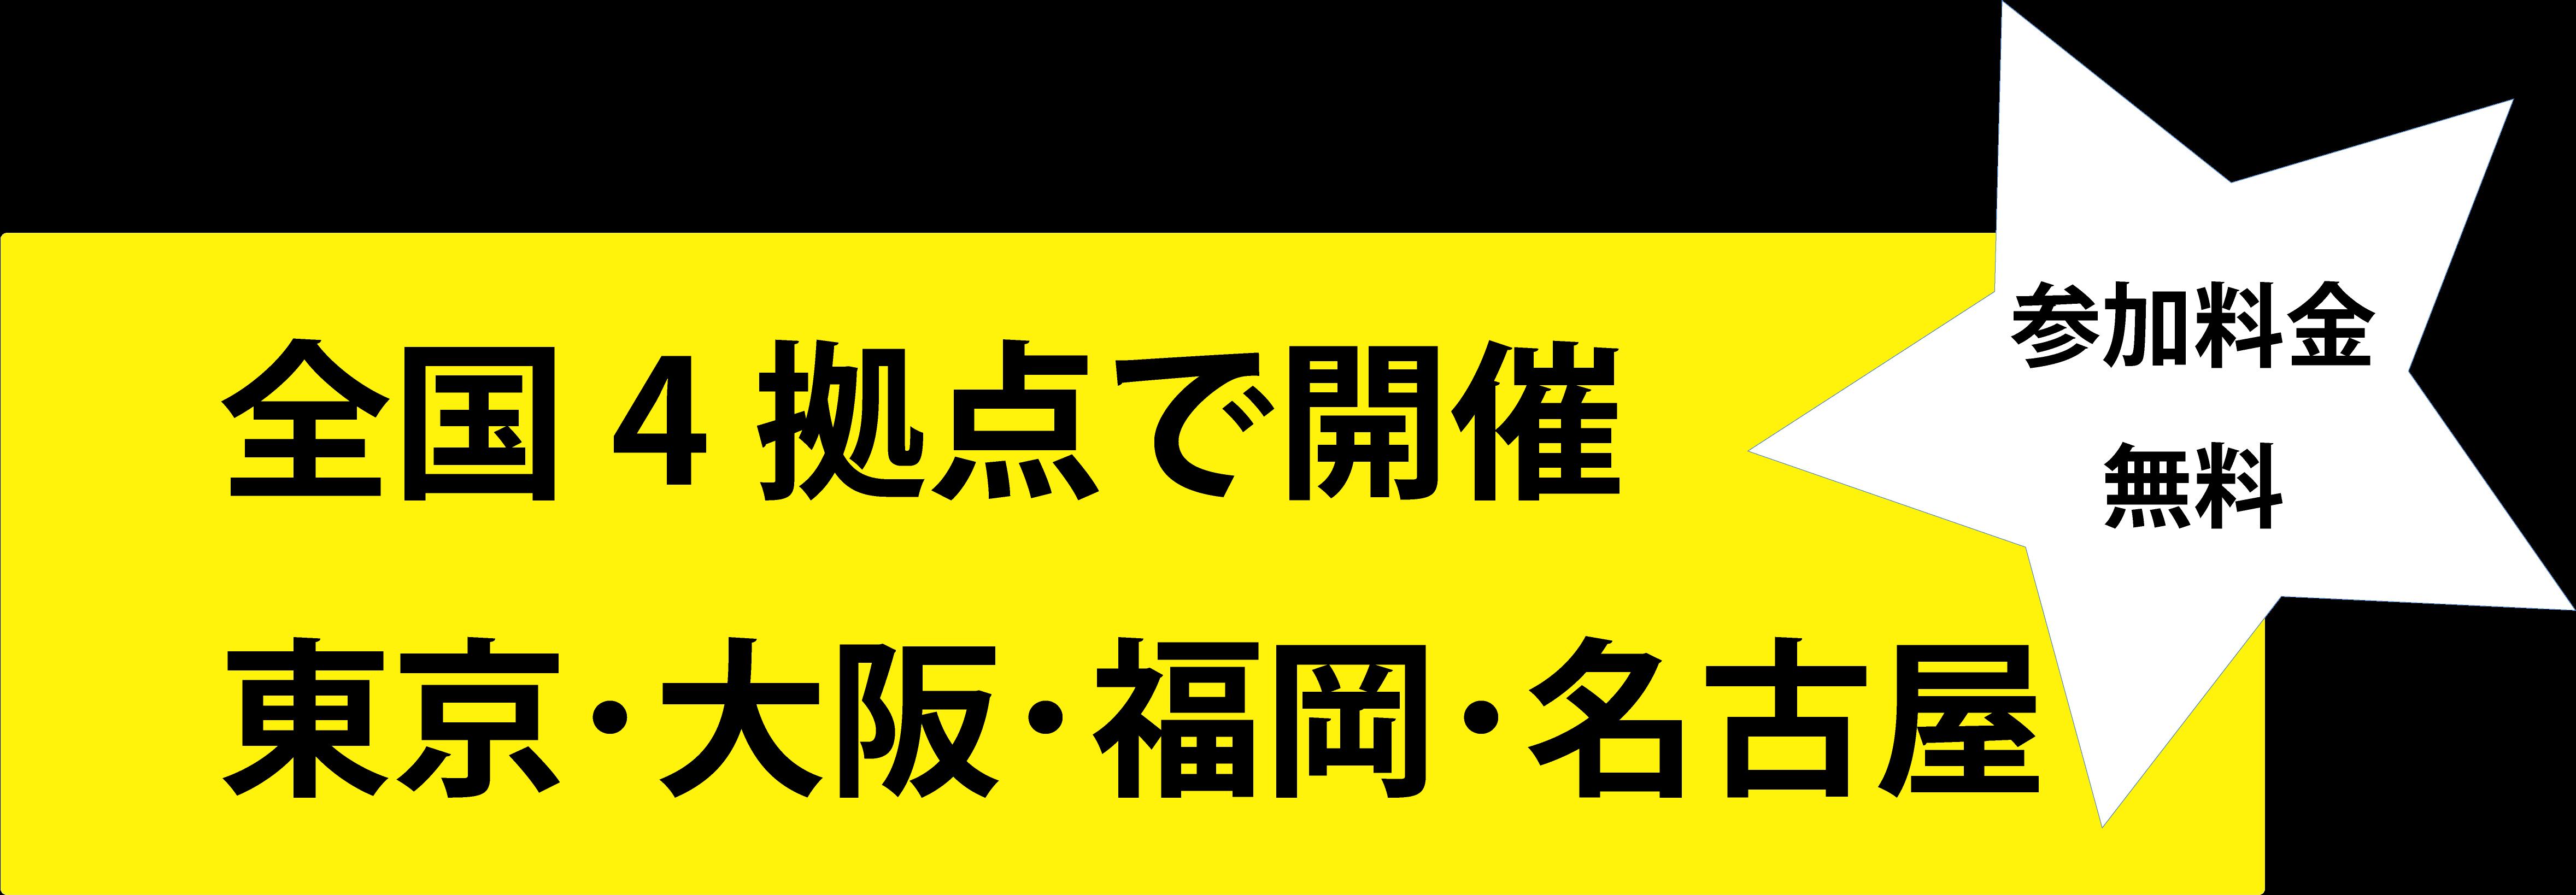 全国4拠点で開催 東京・大阪・福岡・名古屋 参加料金無料